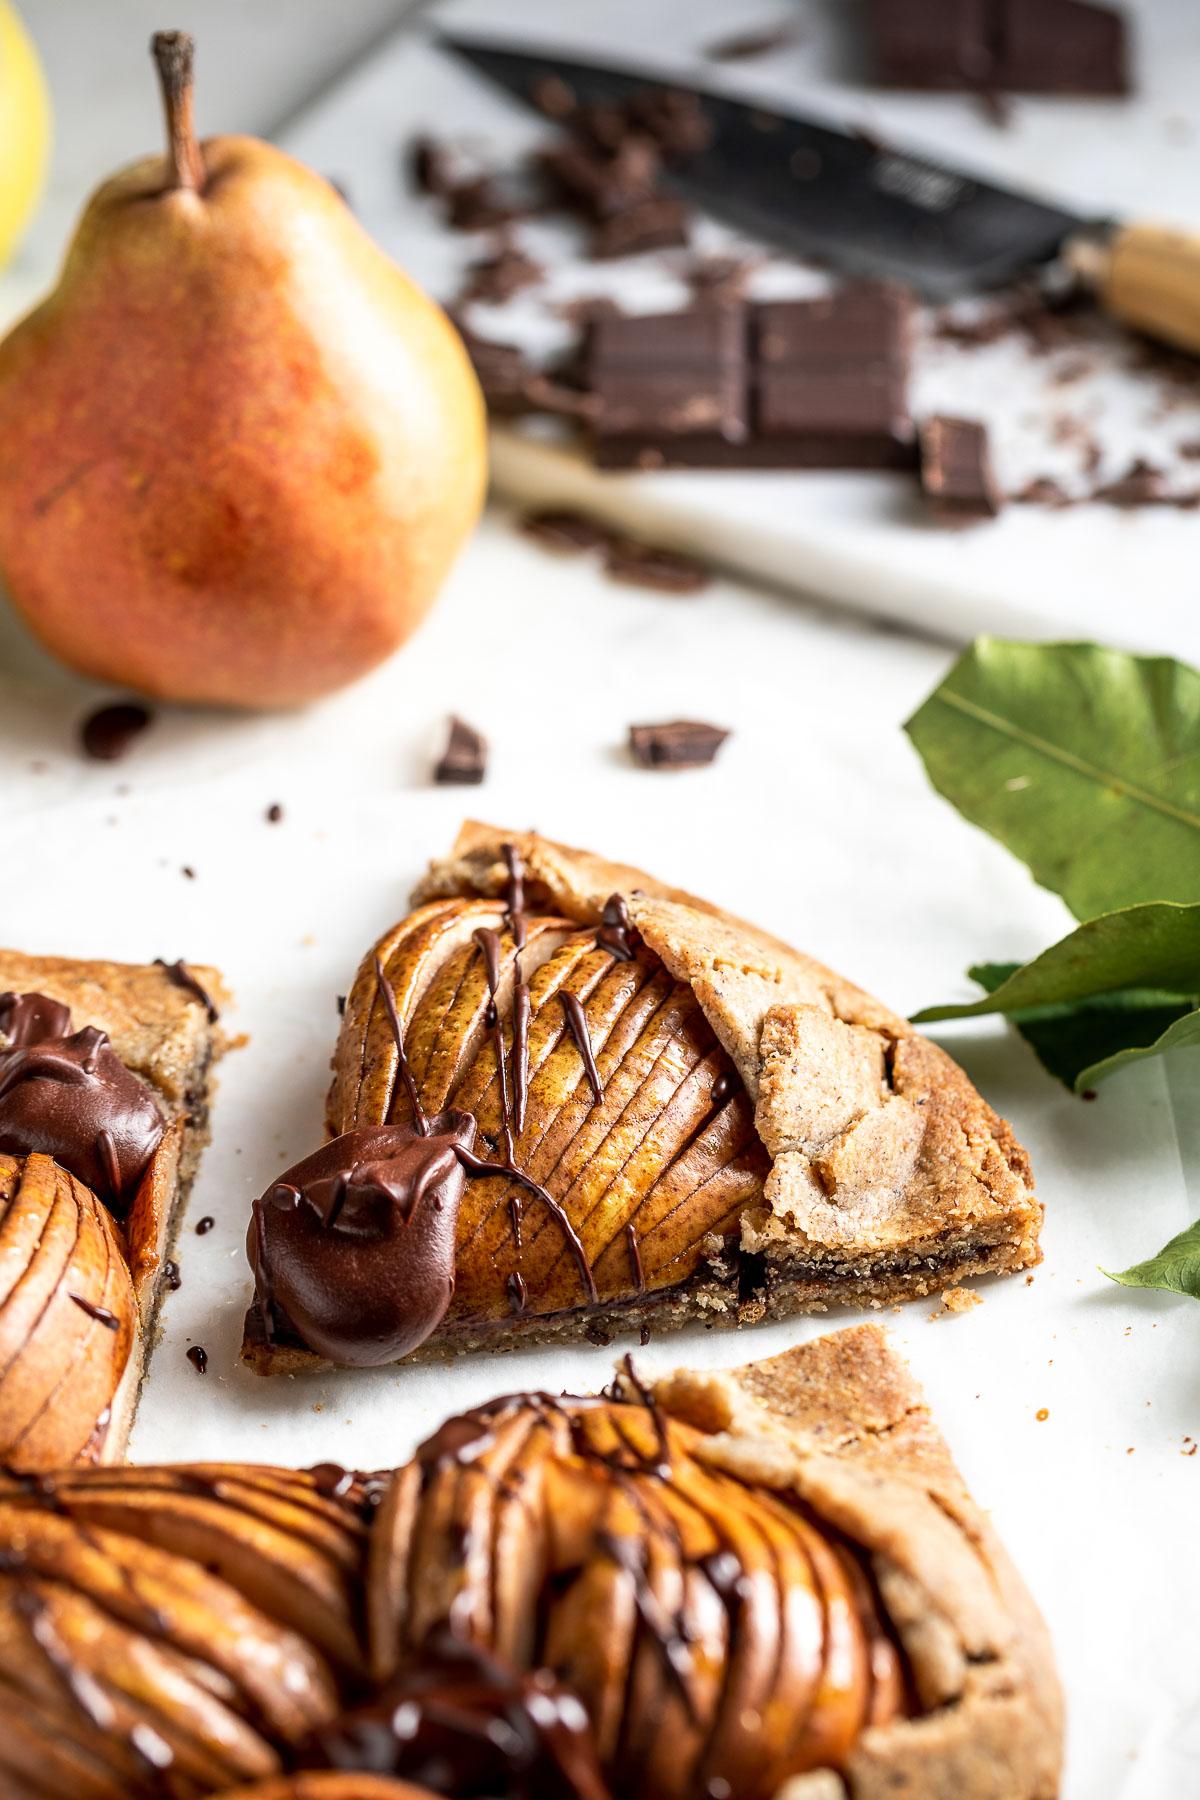 Gluten-free Buckwheat Almond Vegan Chocolate Pear Galette recipe ricetta Galette al cioccolato e pere vegan senza glutine crostata grano saraceno e mandorle #chococlate #pear #glutenfree